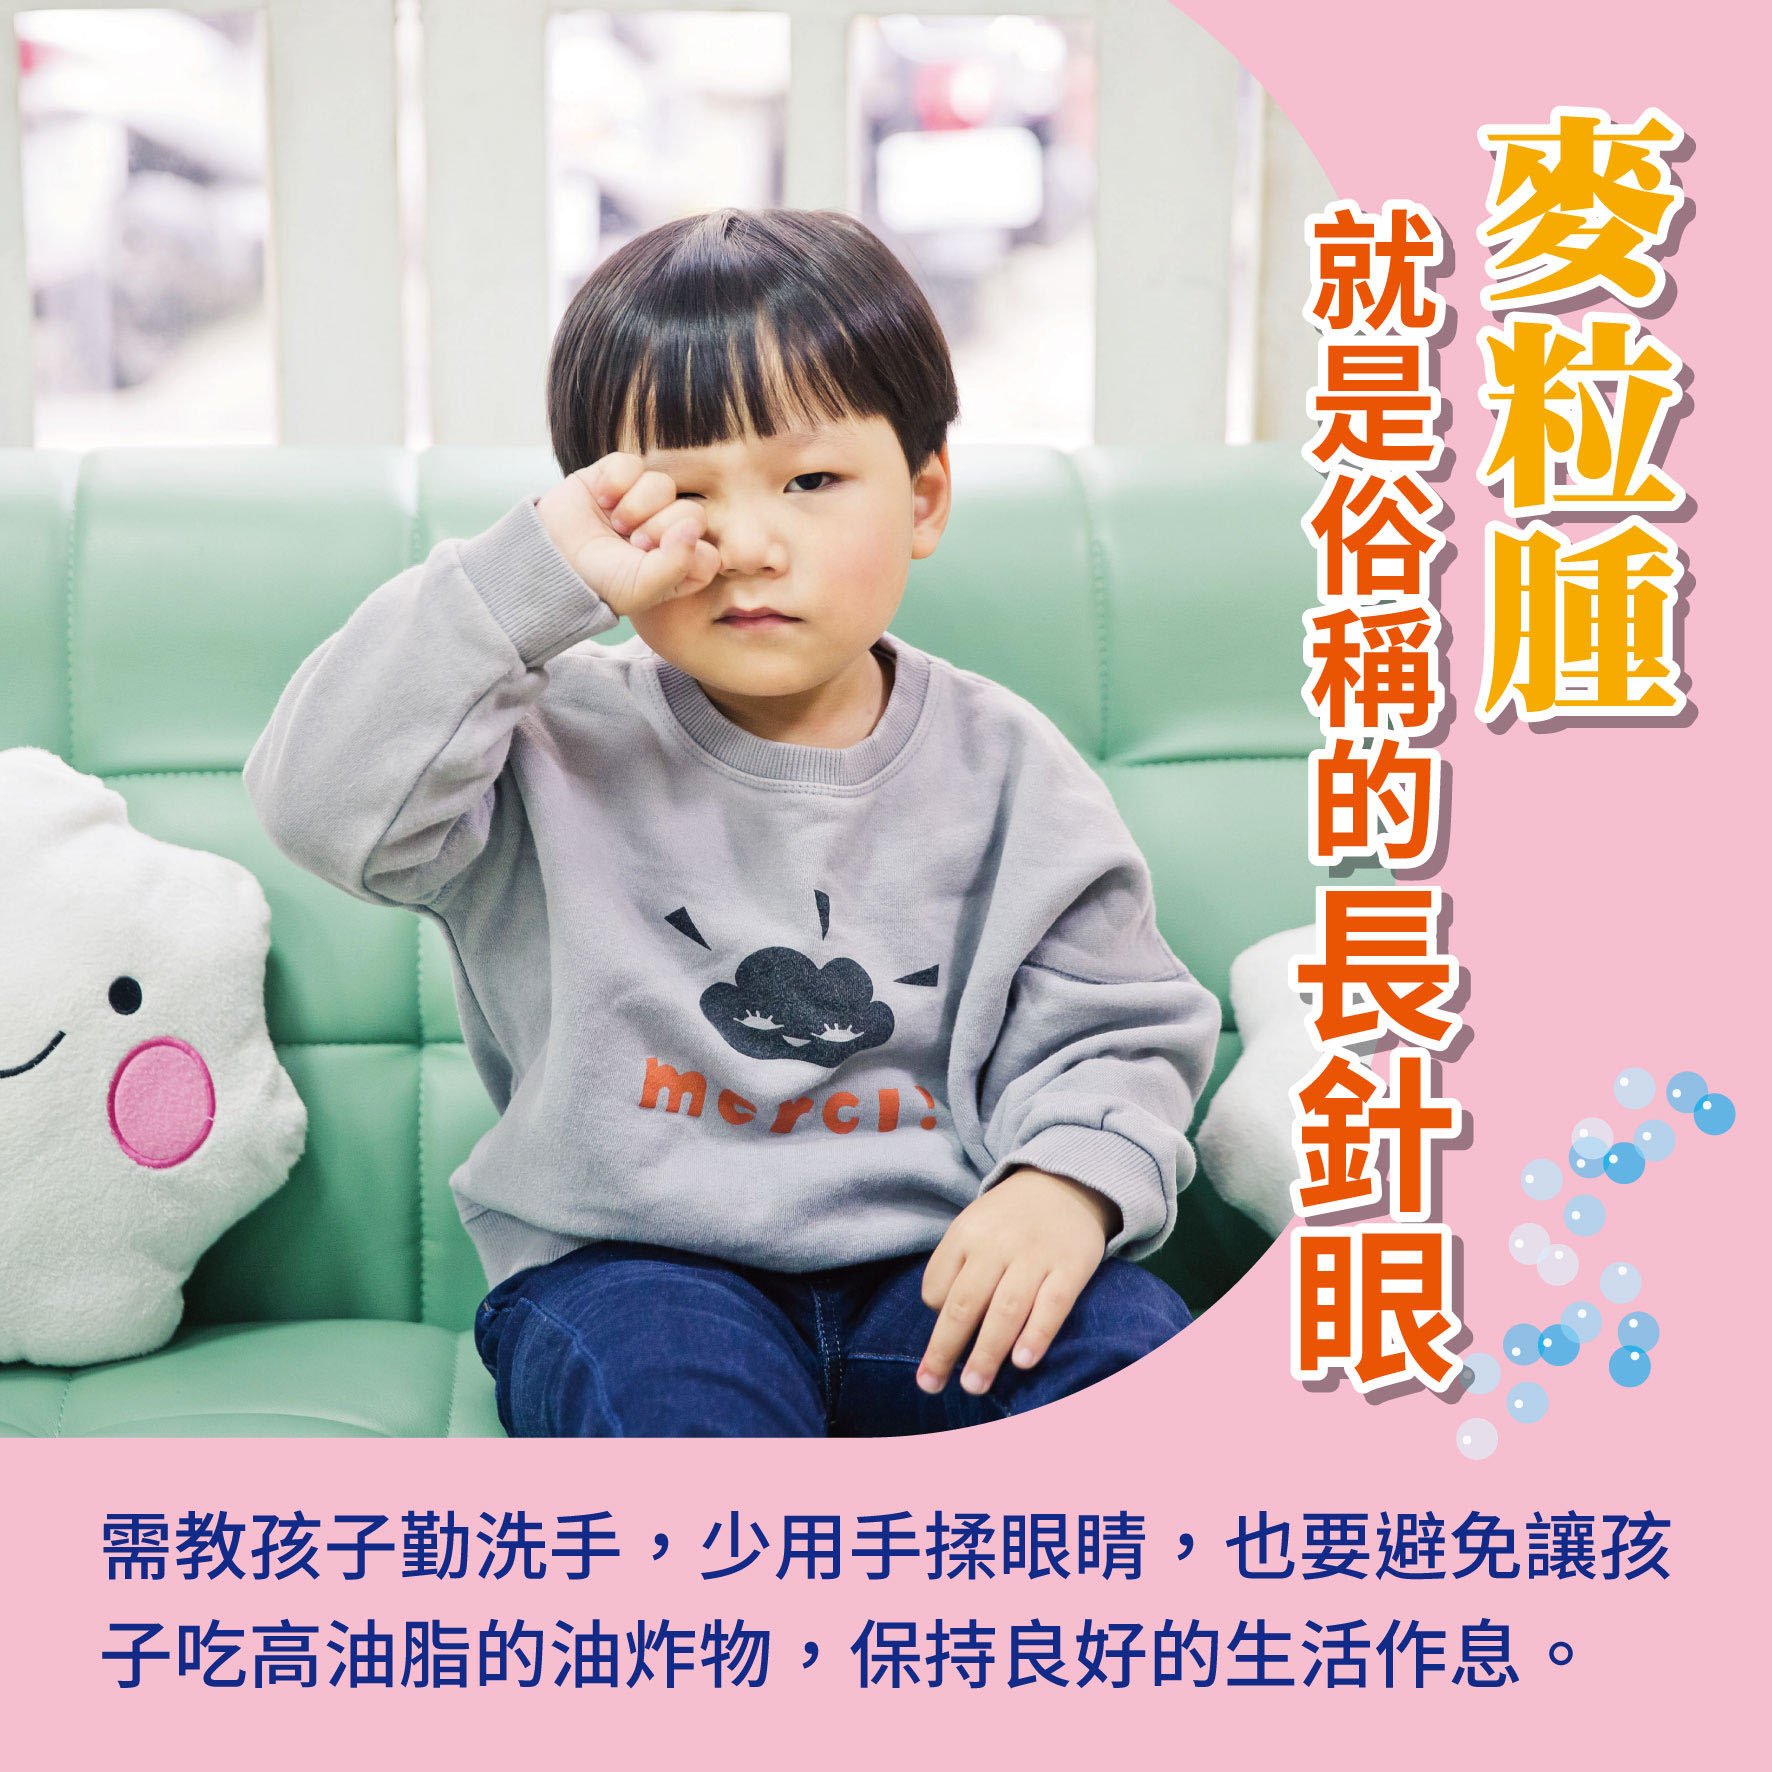 幼兒2歲(第34週)麥粒腫 就是俗稱的長針眼